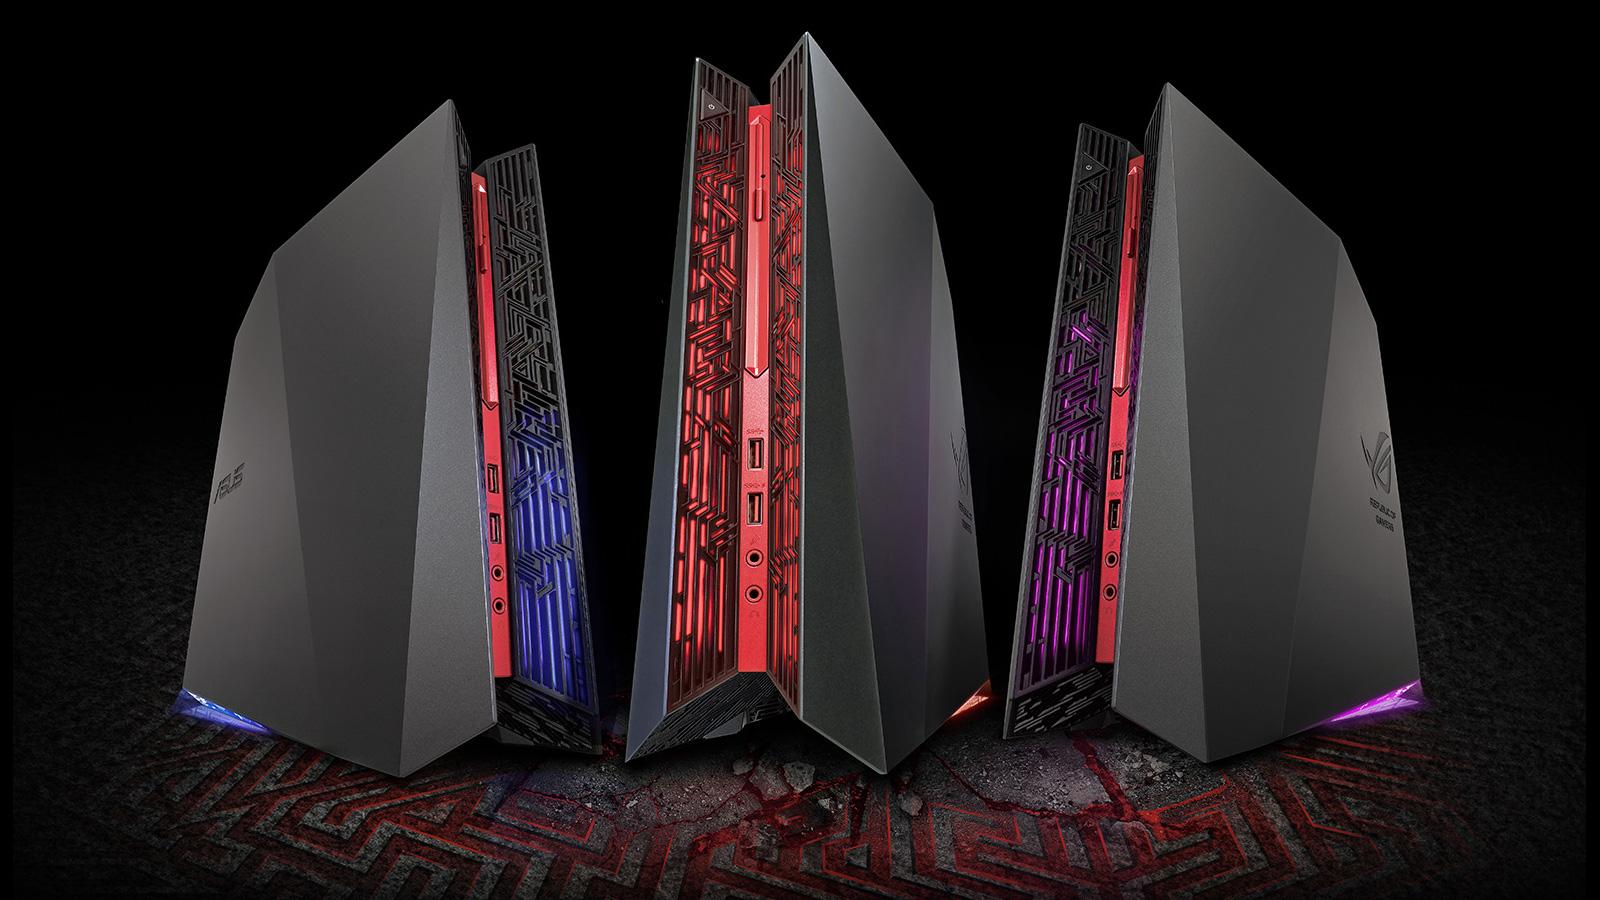 ASUS ROG G20CB aggiornato con Nvidia GeForce GTX 1080